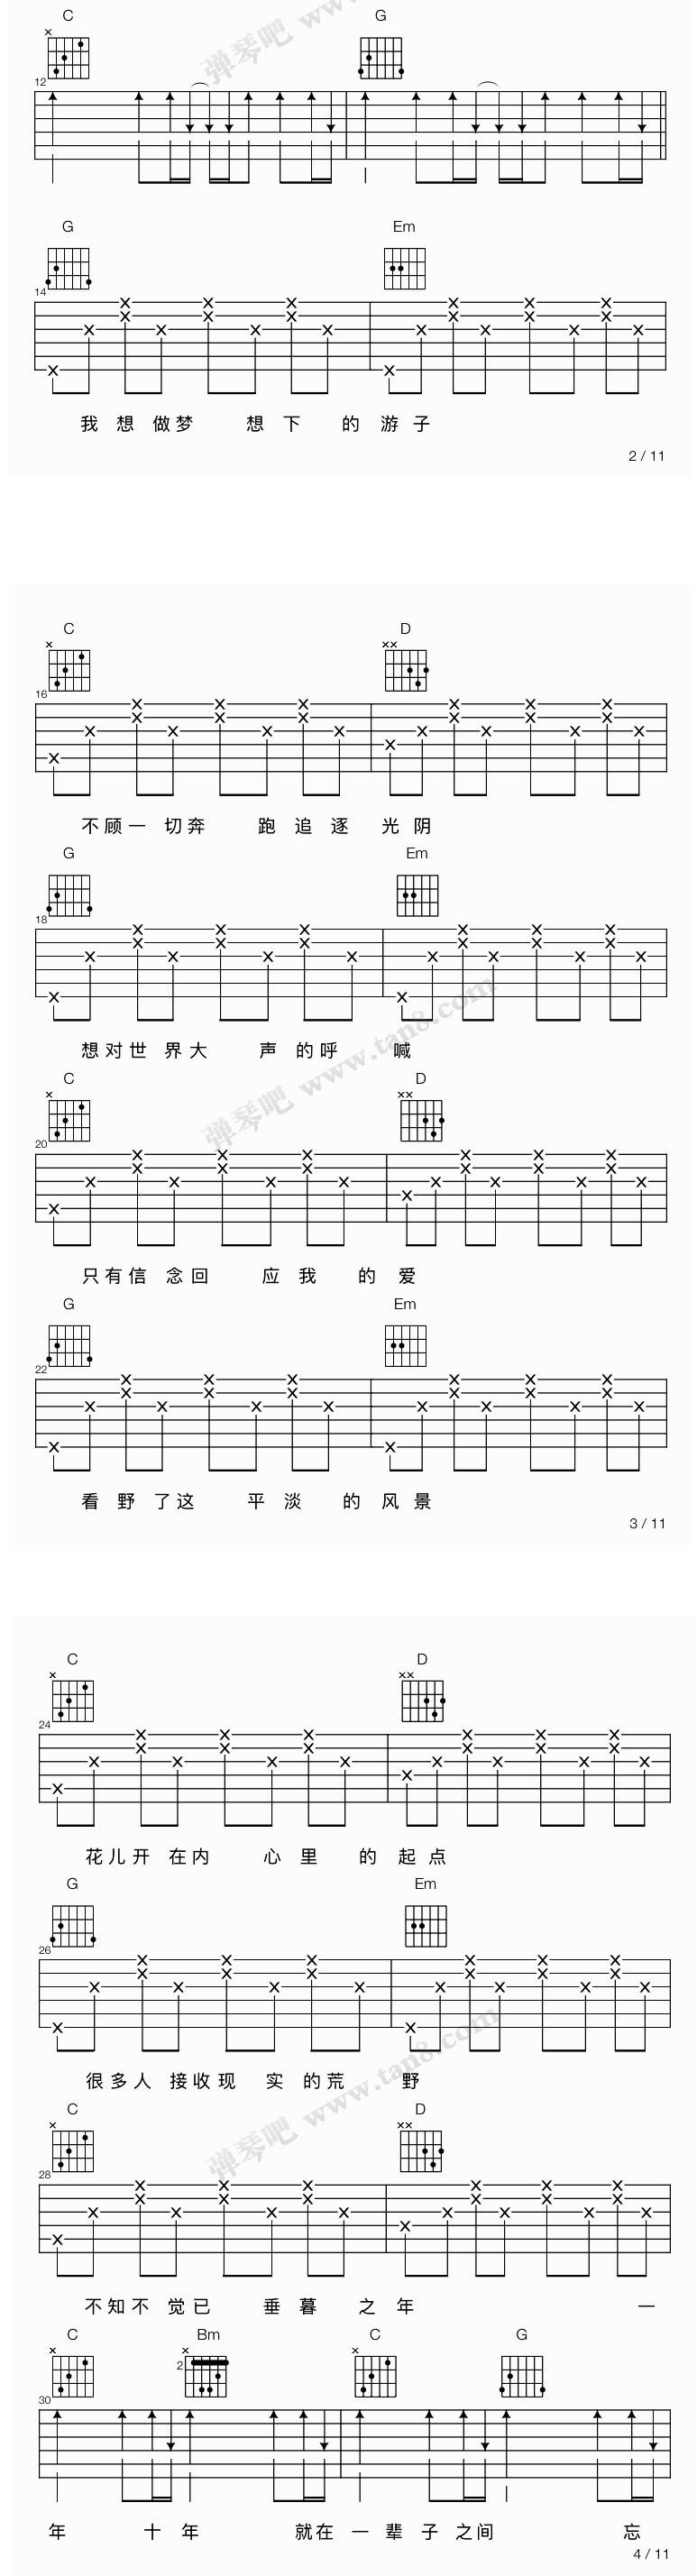 《生活不止眼前的苟且》(许巍演唱)吉他谱第2张